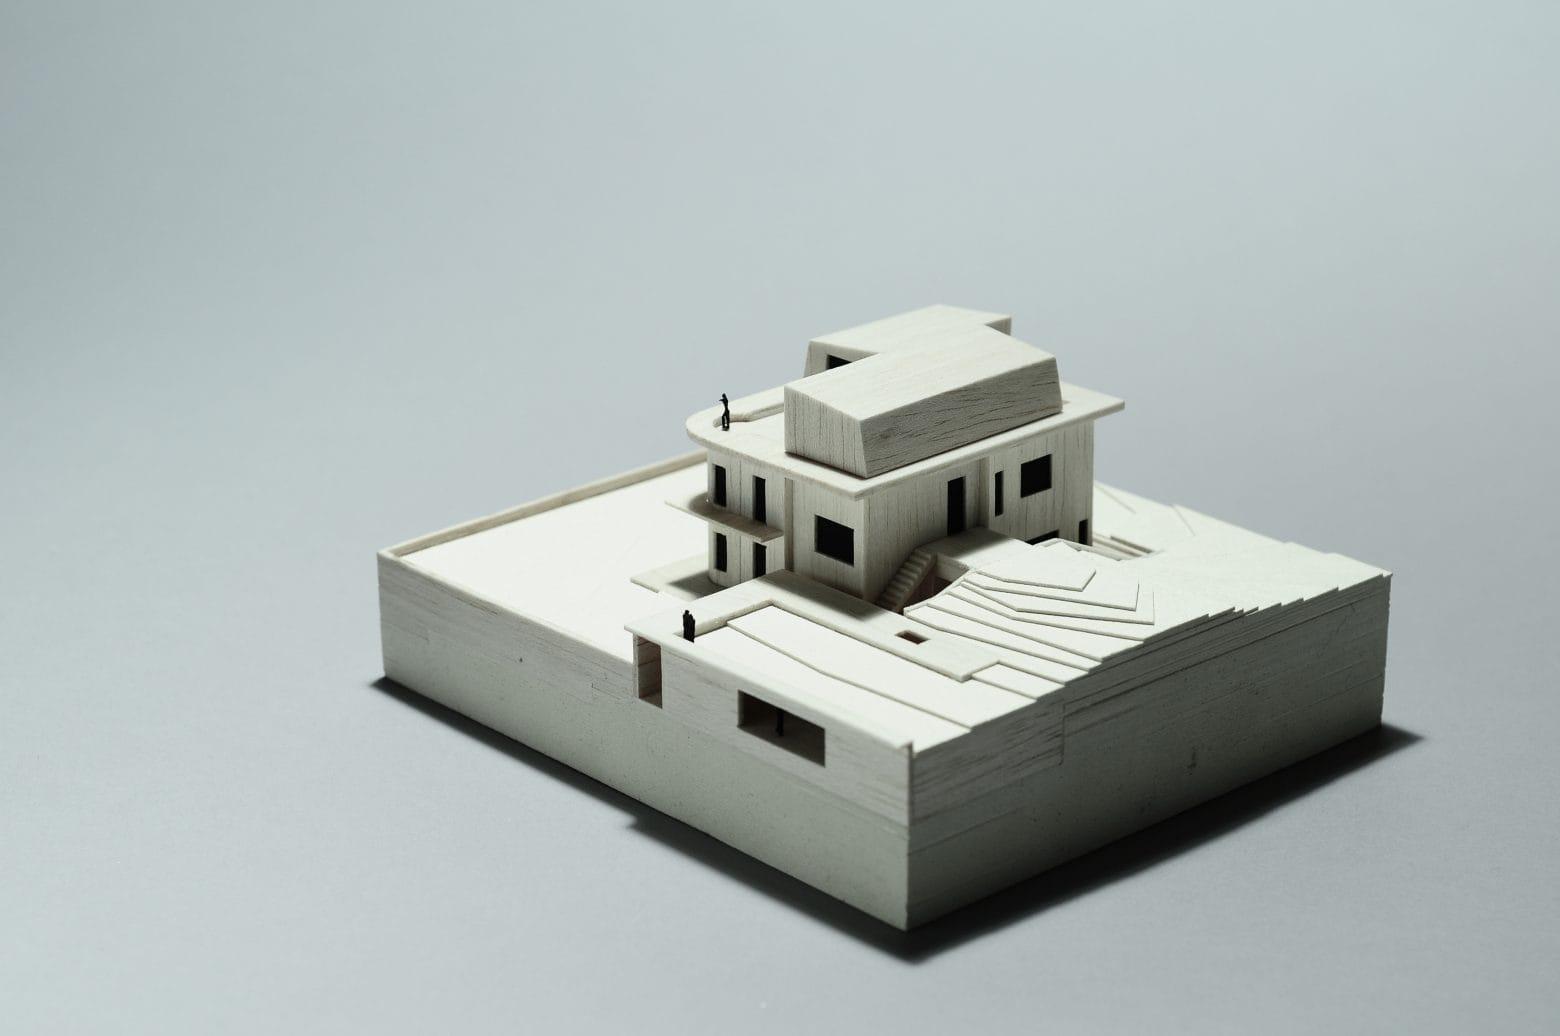 Szemlohegy modell manzard 02